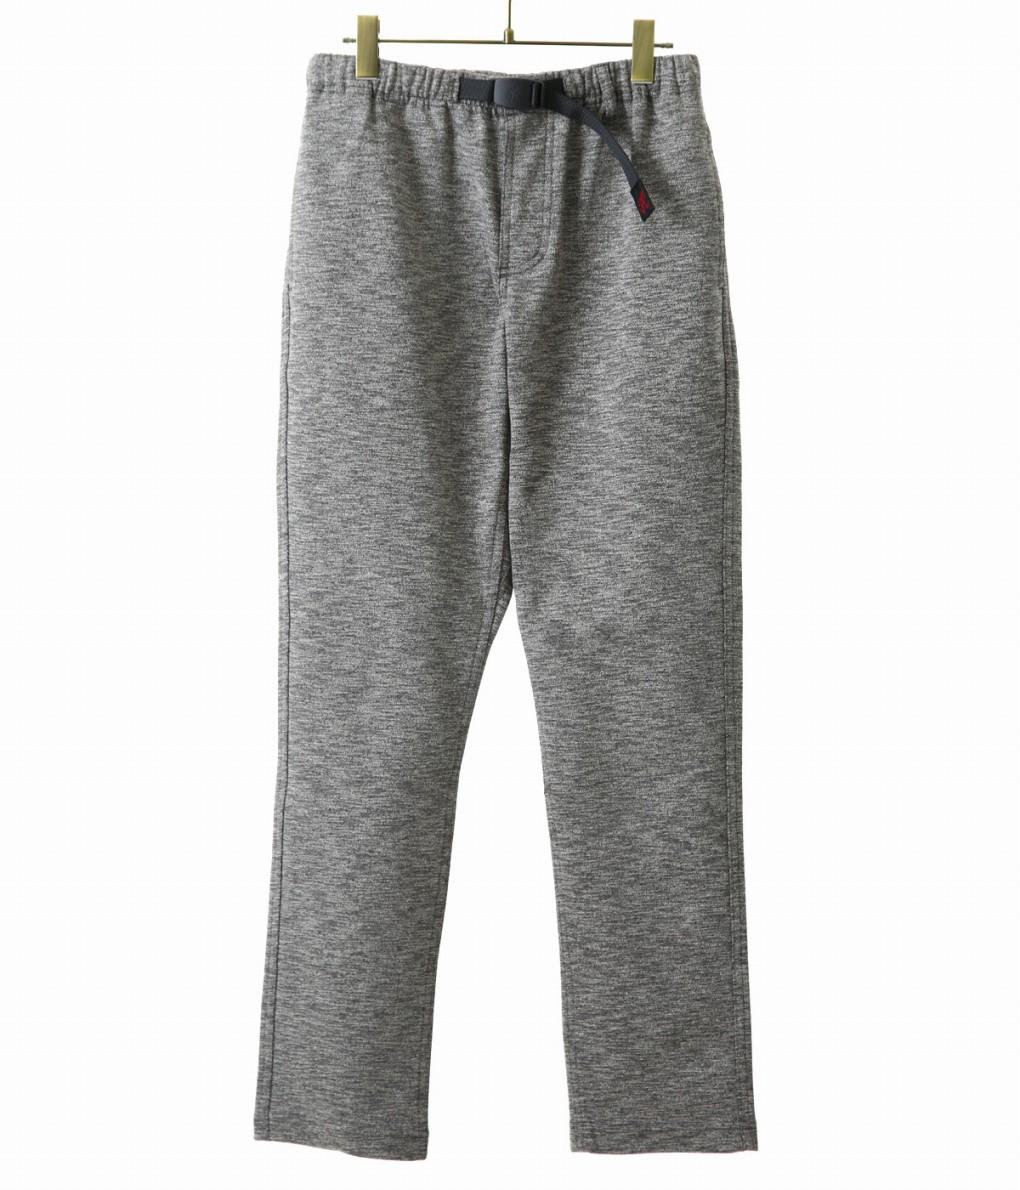 GRAMICCI / グラミチ : COOLMAX KNIT NN-PANTS TIGHT FIT : クールマックス ニット パンツ タイトフィット メンズ : GMP-19S019